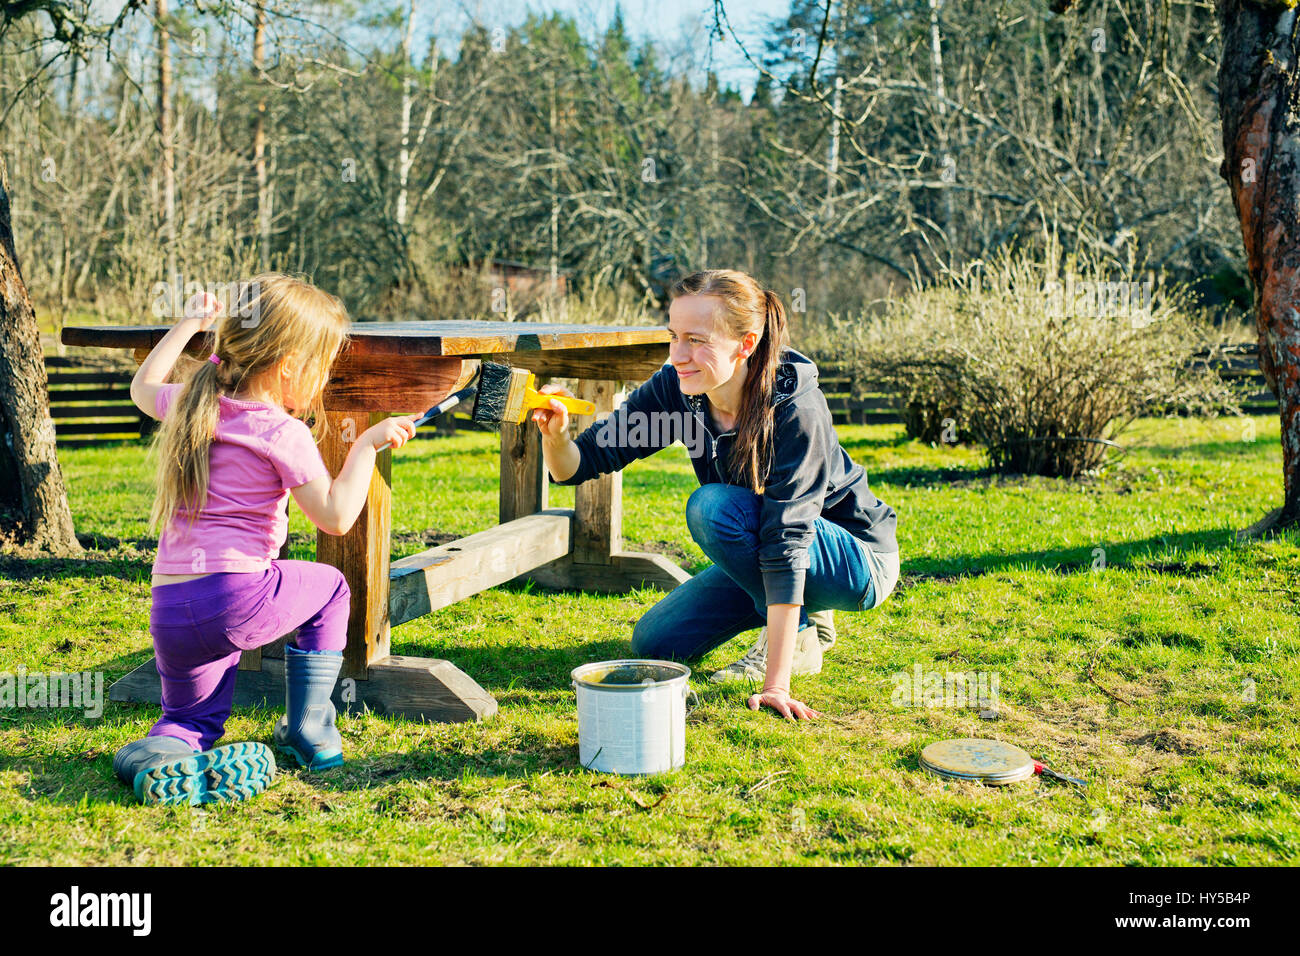 La Finlande, l'paijat-hame, Heinola, mère et fille (4-5) peinture table en bois dans le jardin Photo Stock